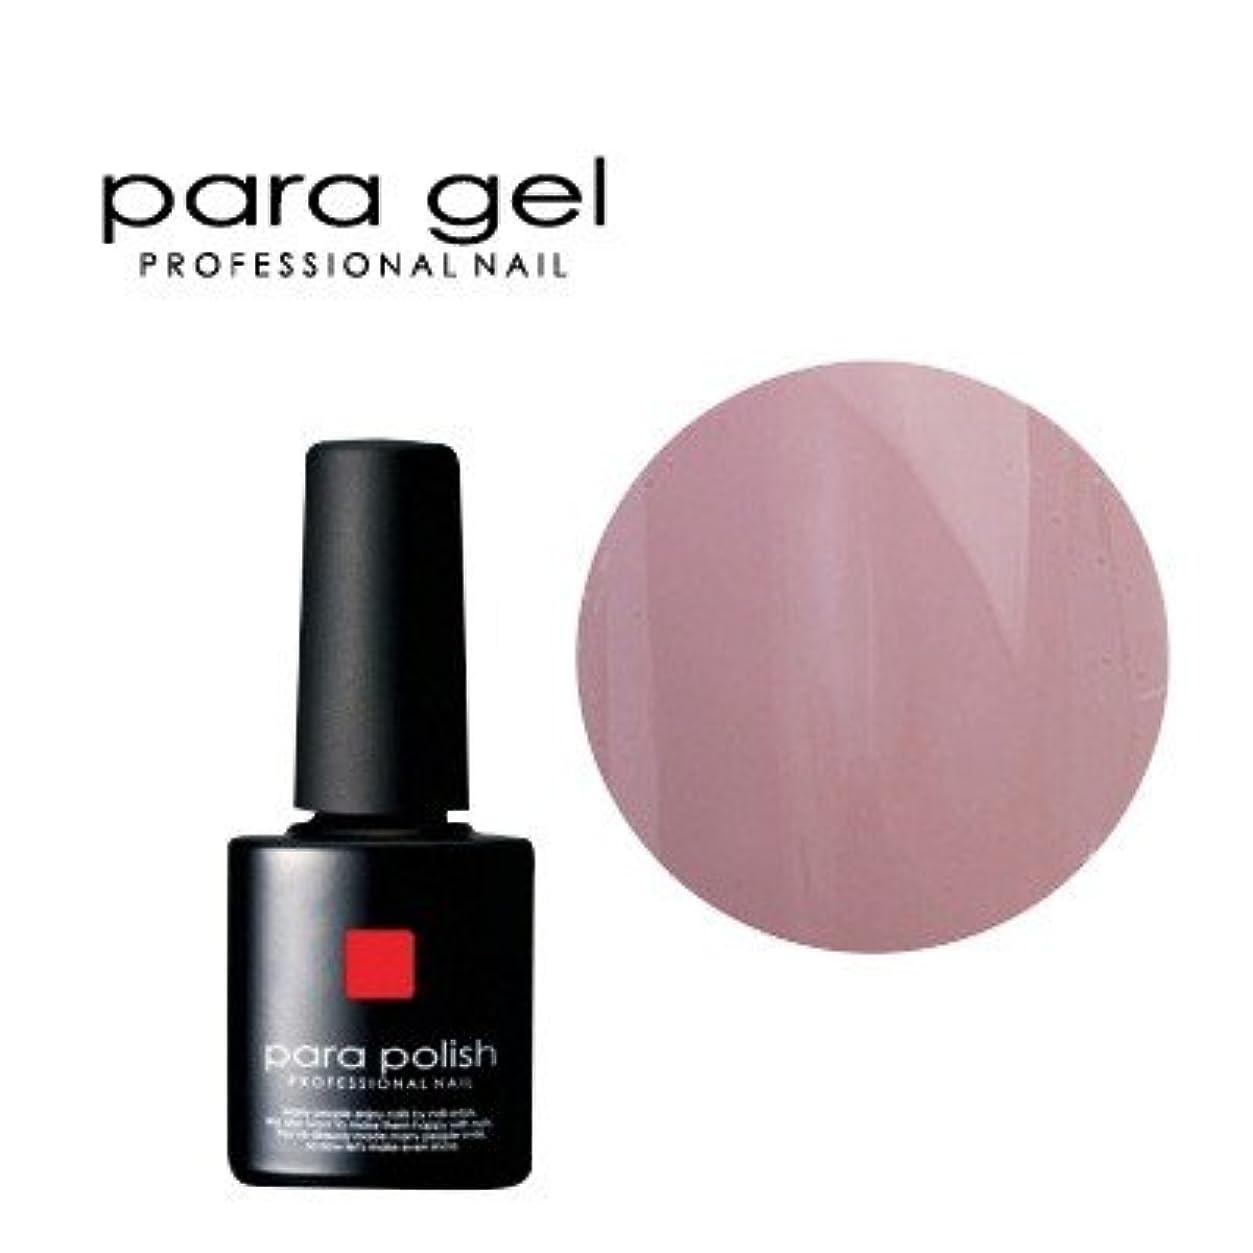 暖かく壮大なマリナーパラジェル para polish(パラポリッシュ) カラージェル MD11 ダスティピンク 7g